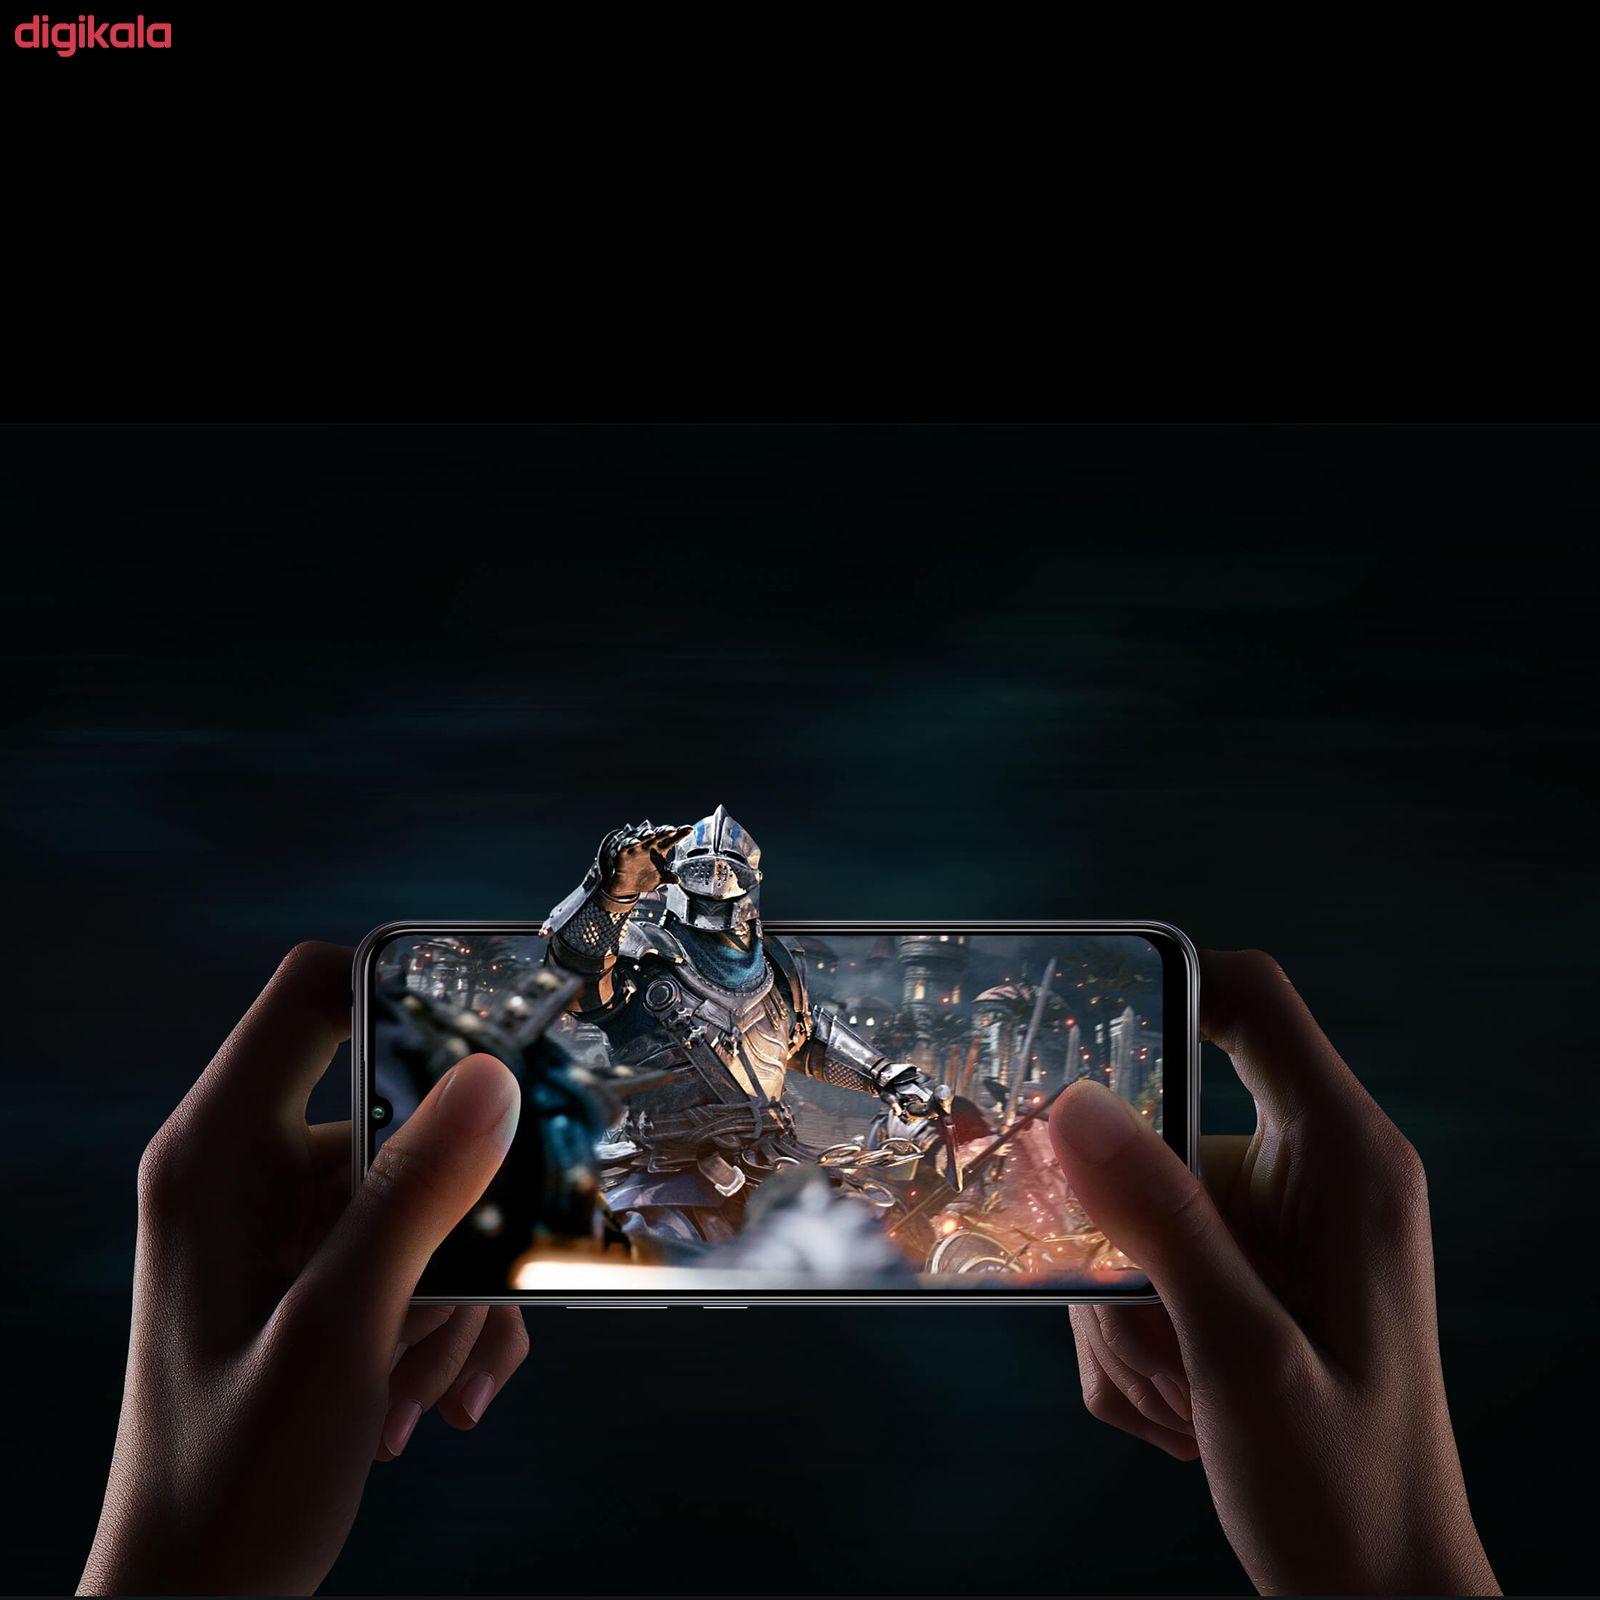 گوشی موبایل شیائومی مدل Mi 10 Lite 5G M2002J9G دو سیم کارت ظرفیت 128 گیگابایت  main 1 5